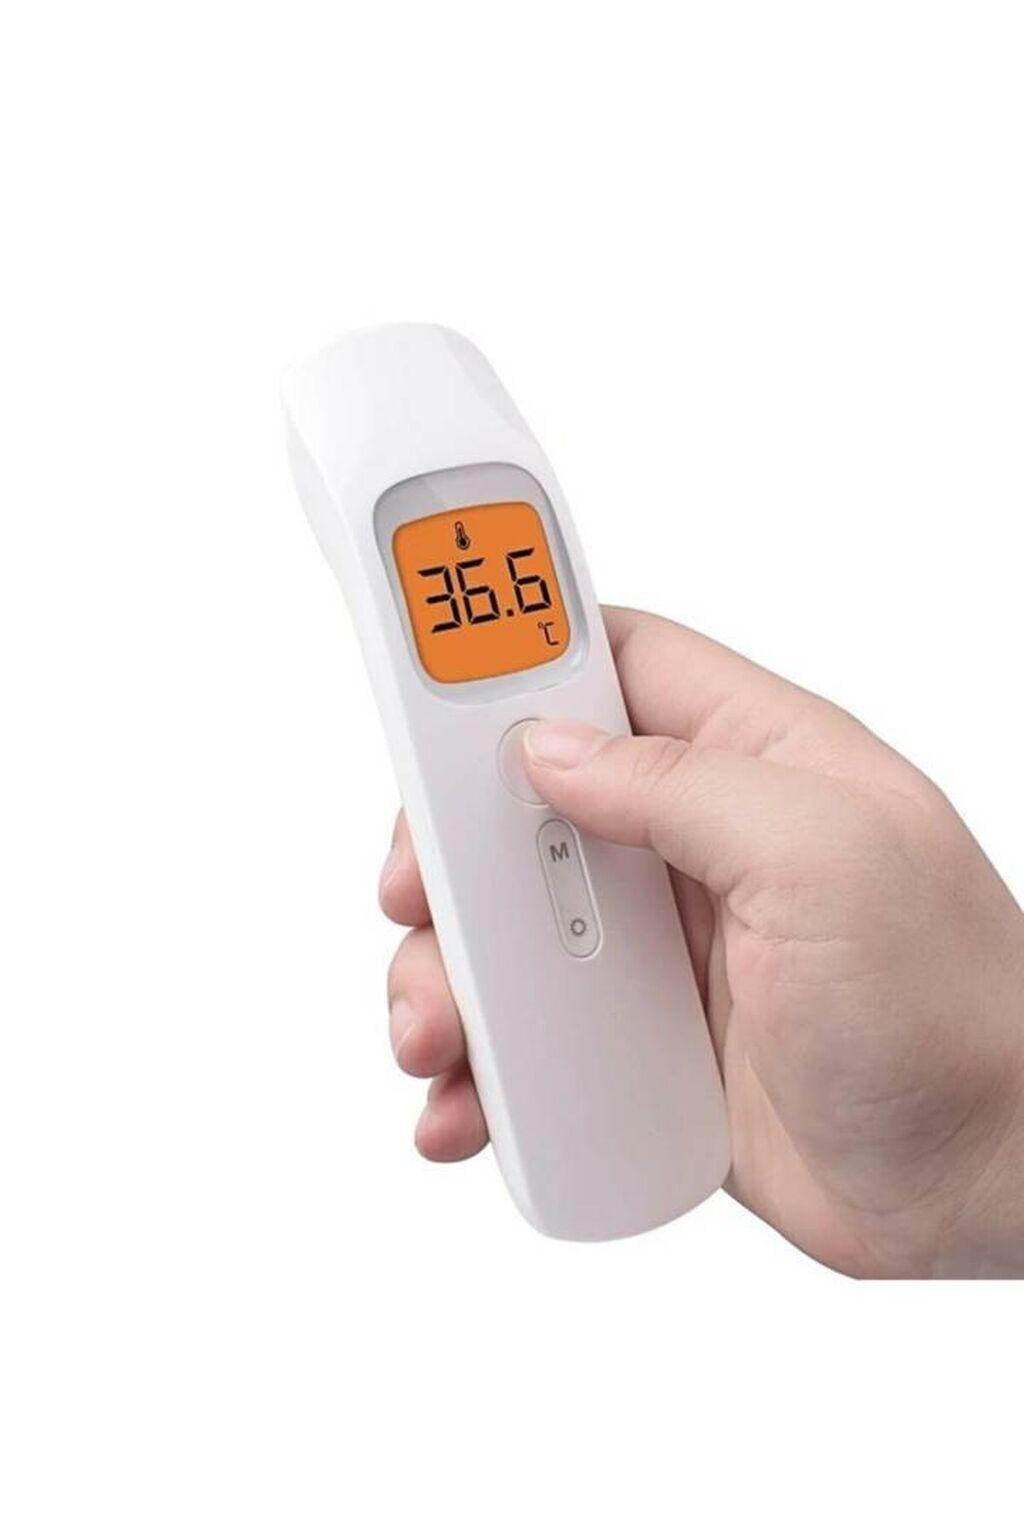 Infraredtəmassız Termometr.Türkiyə istehsalı.+-0.2 dəqiqlik.Led | Elan yaradılıb 13 Oktyabr 2021 08:41:58 | TERMOMETRLƏR: Infraredtəmassız Termometr.Türkiyə istehsalı.+-0.2 dəqiqlik.Led